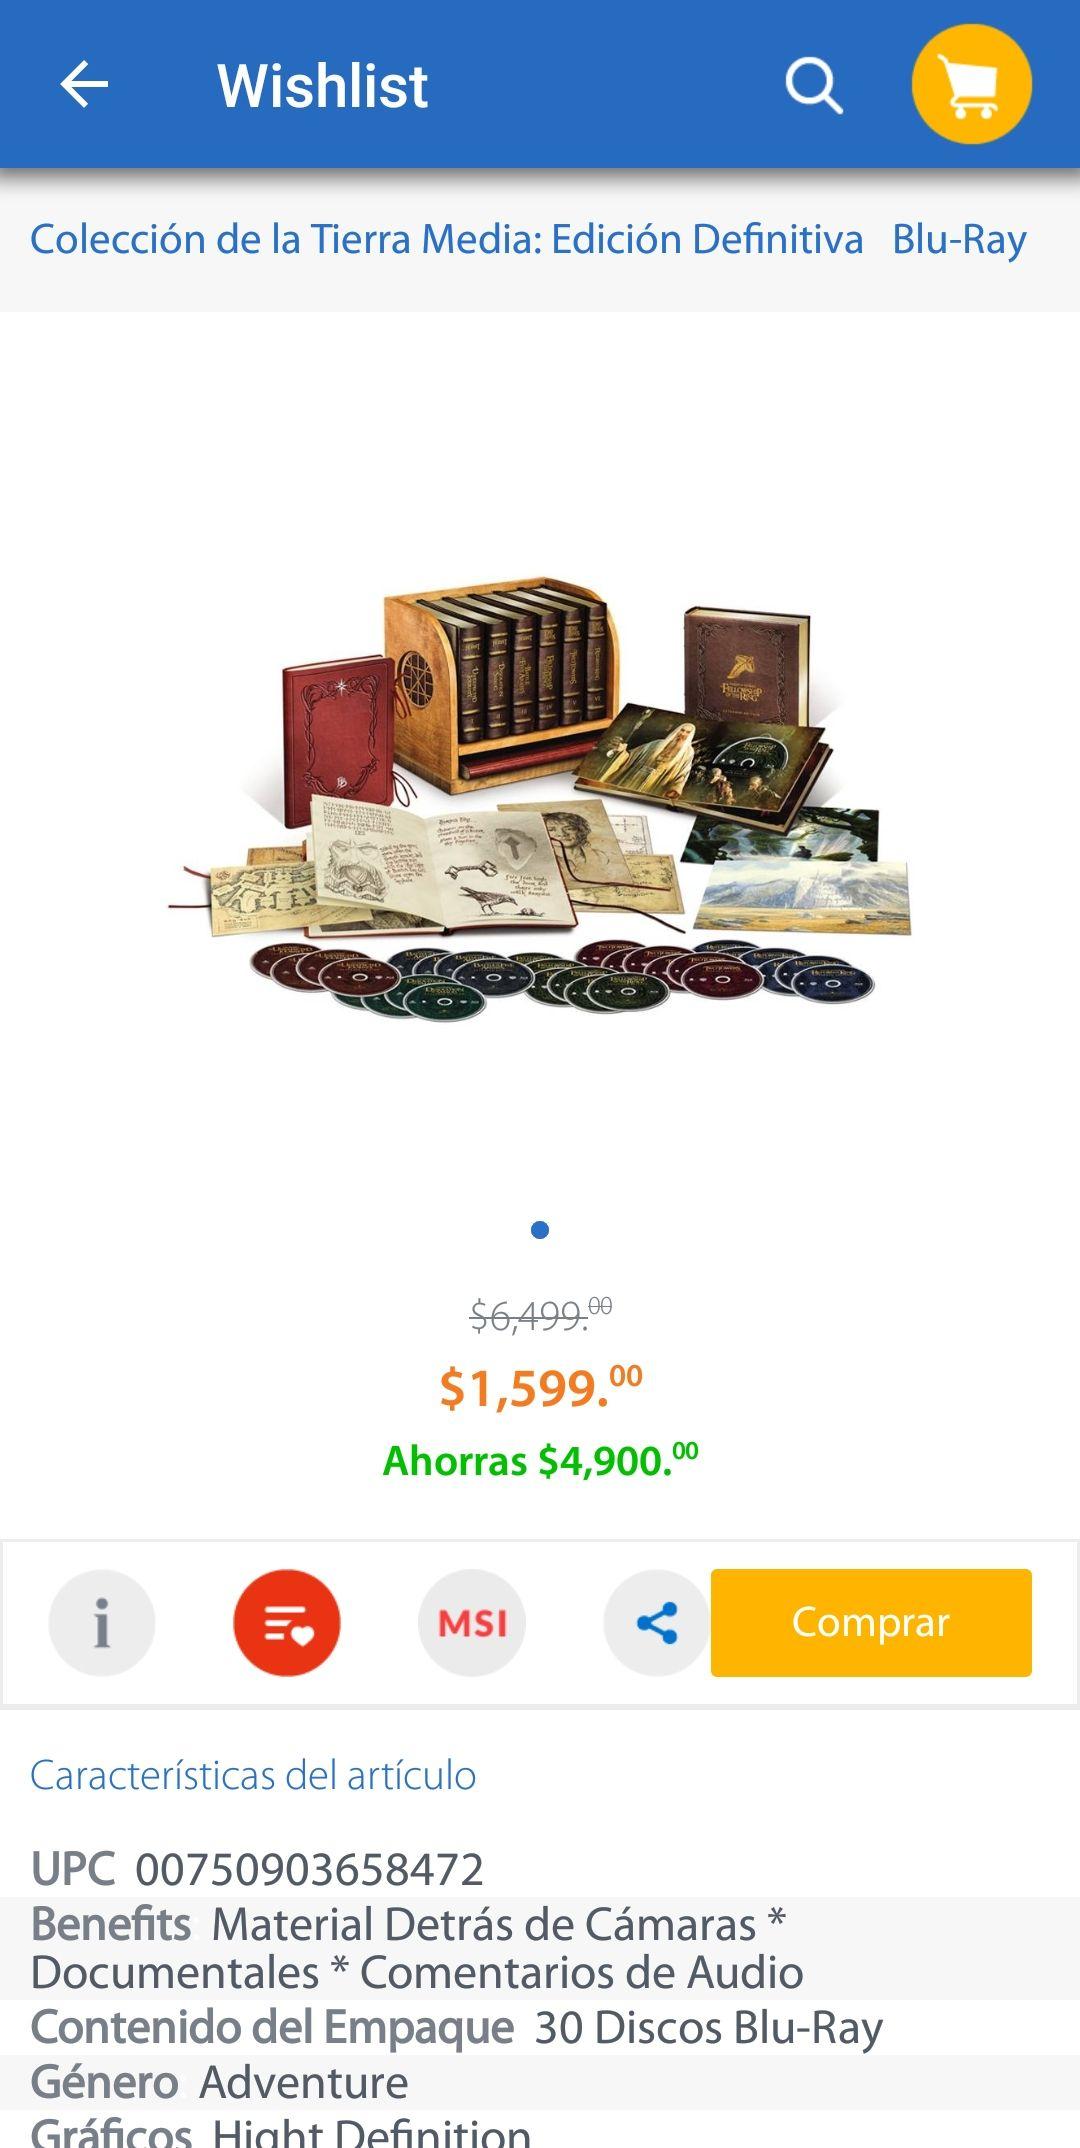 Buen Fin Walmart: Colección de la Tierra Media Edición Definitiva Blu-Ray de $6,499 a $1,599